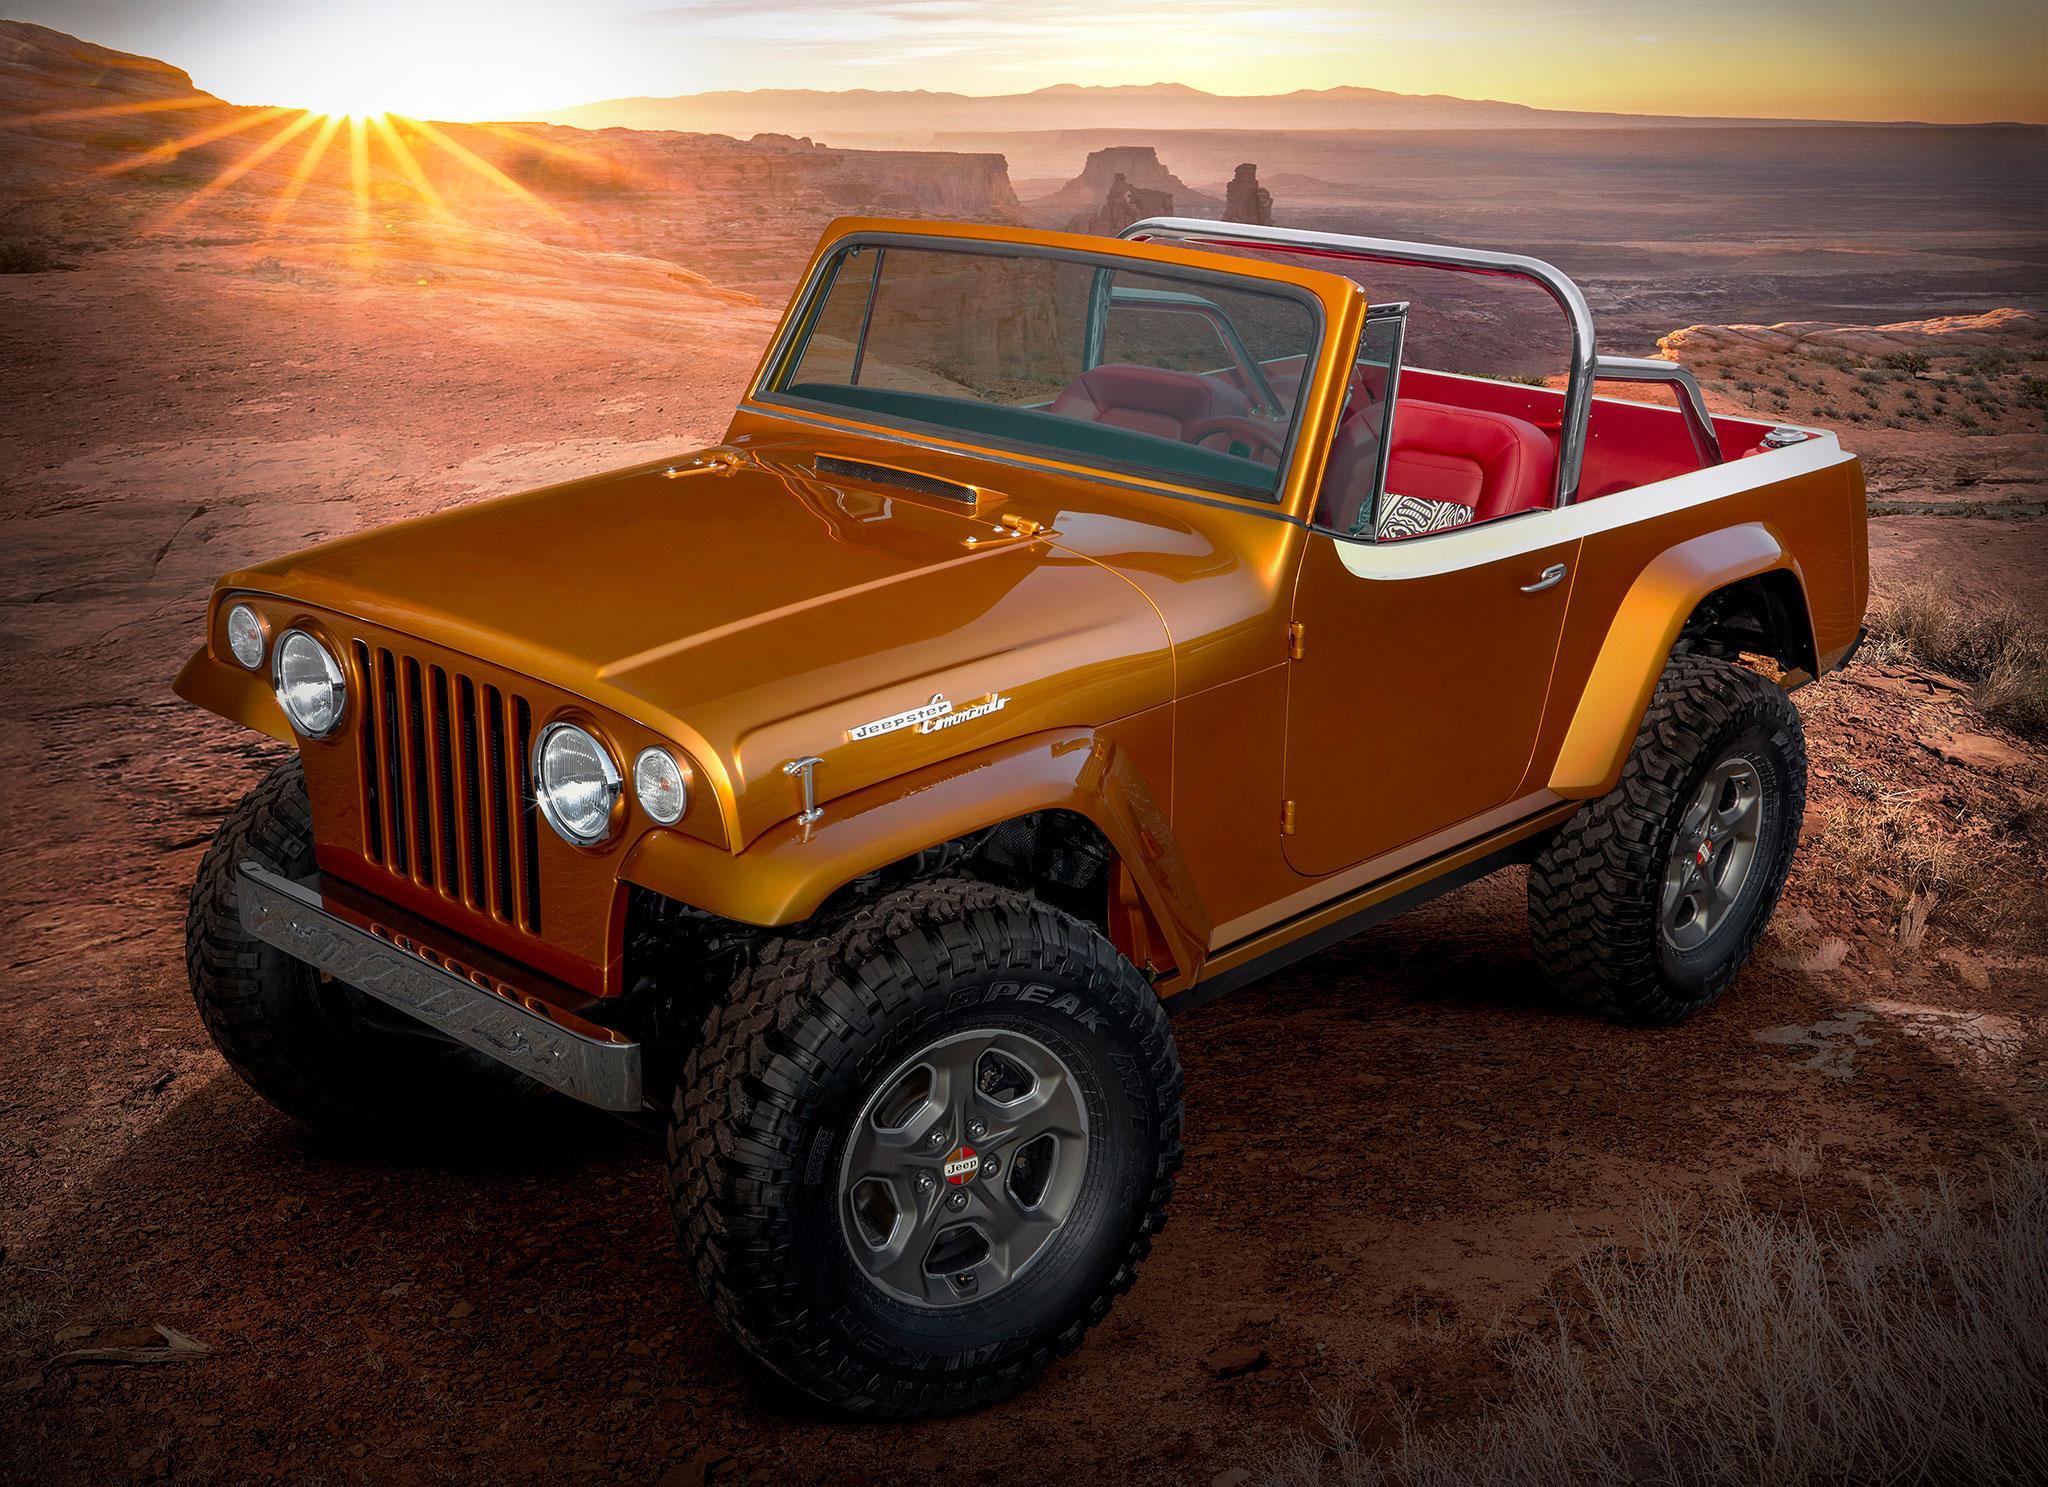 2021 Jeepster Beach Resto Mod Concept trois quarts avant gauche - Concept Cars de Jeep®.